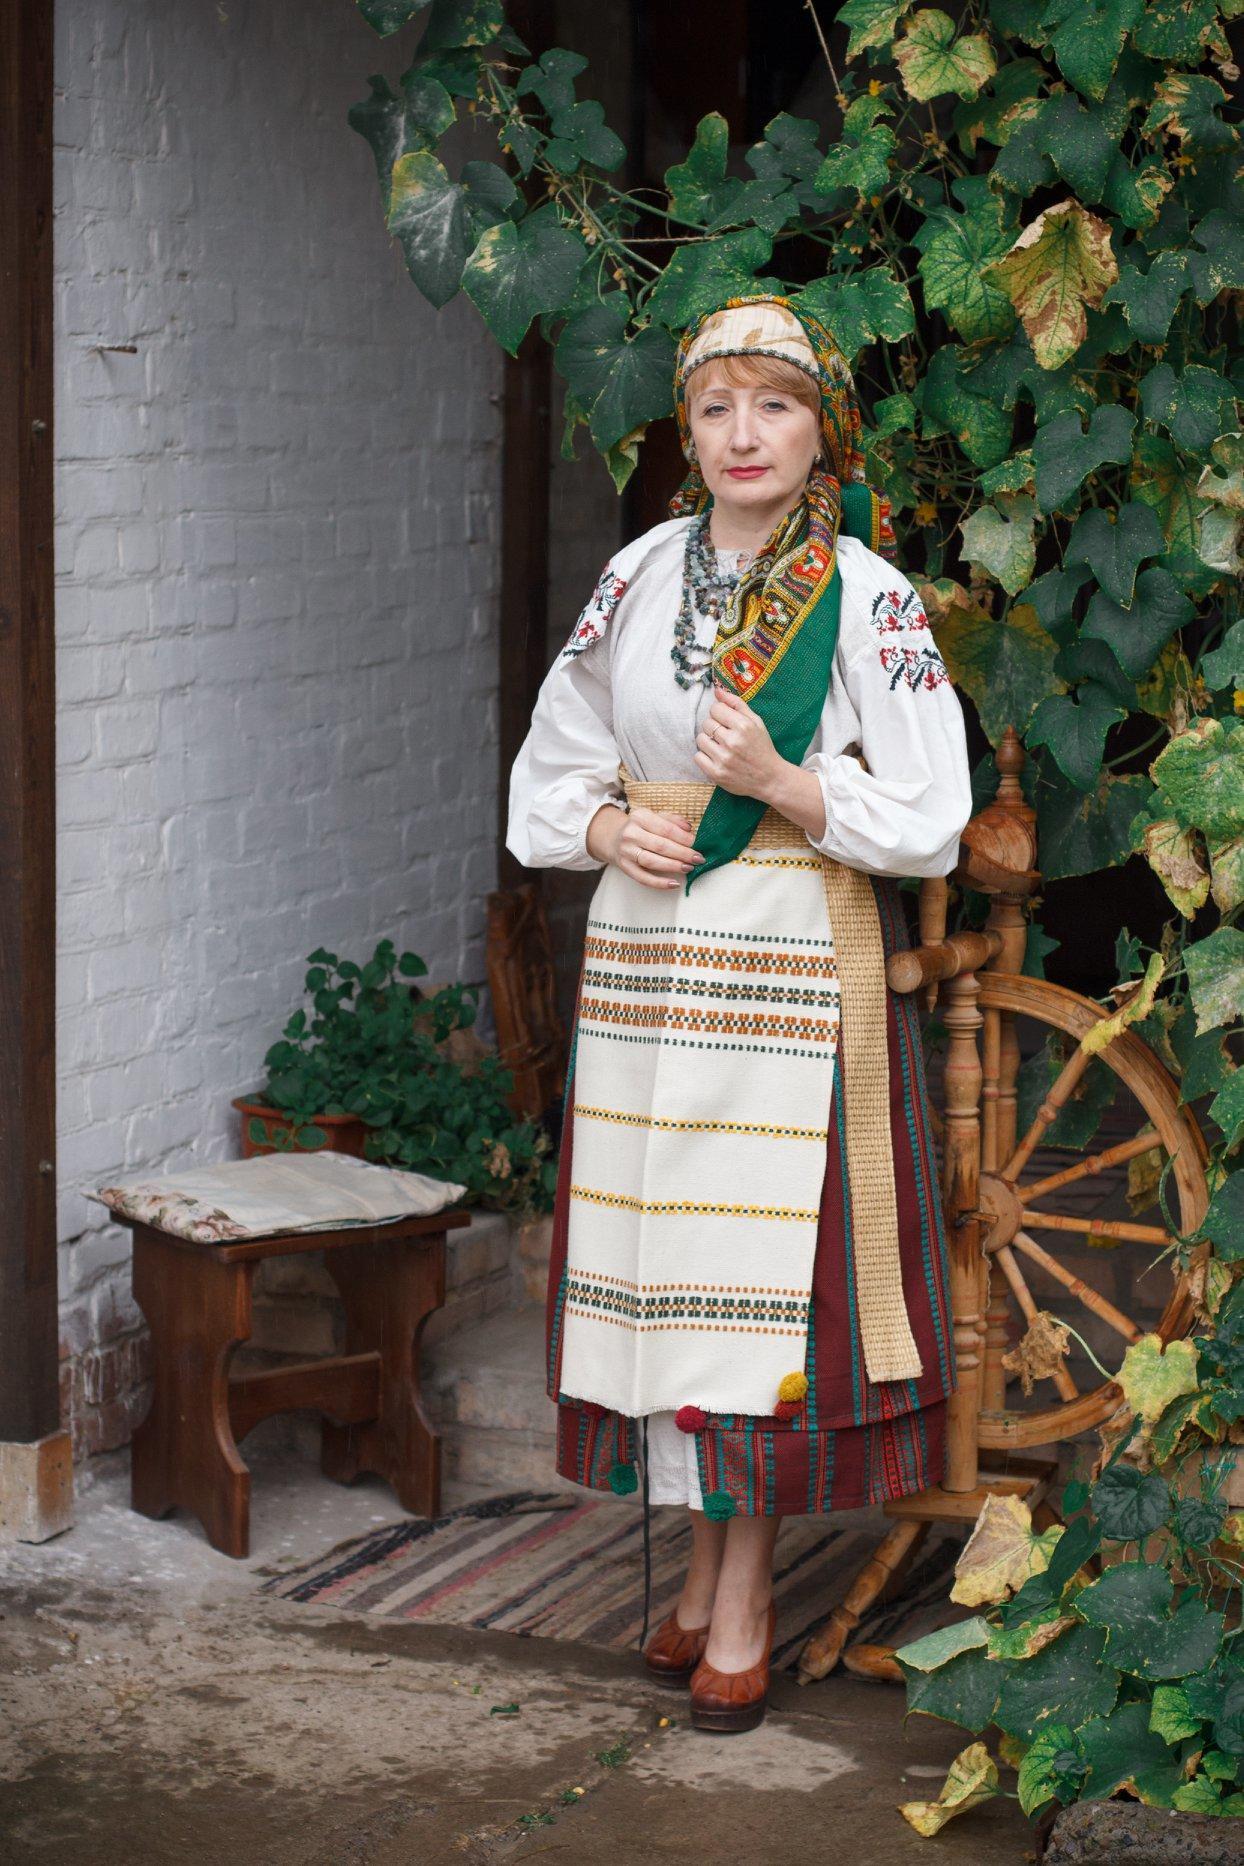 Лилиана Зиньковская из Бахмута в традиционном украинском наряде